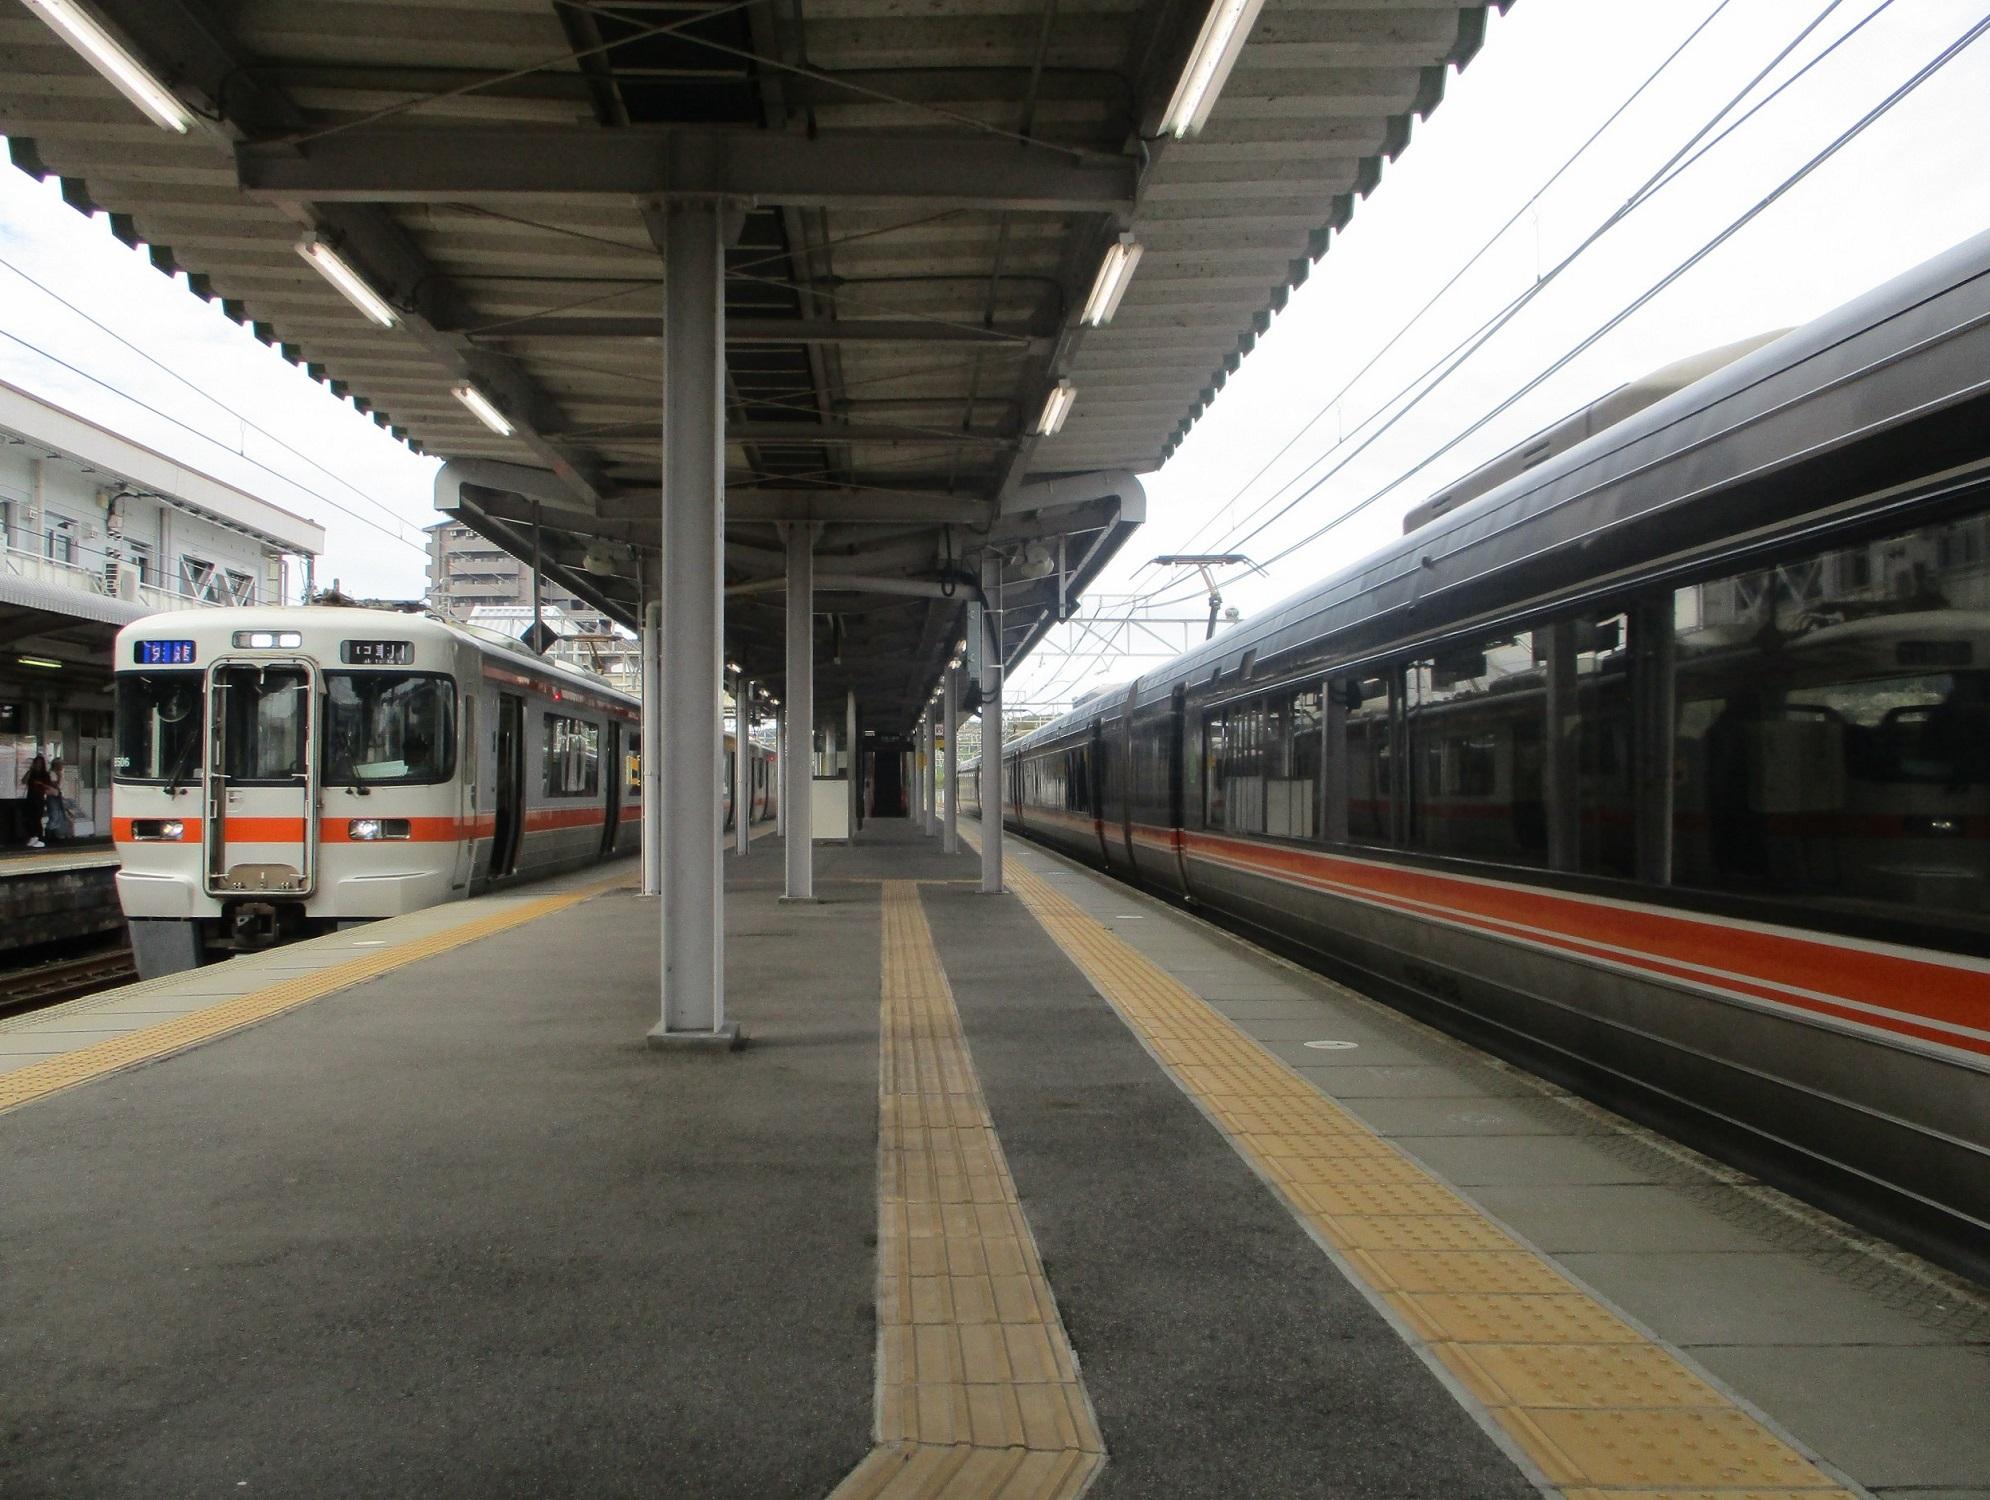 2019.9.22 (5) 土岐市 - 中津川いき快速とワイドビューしなの 1990-1500